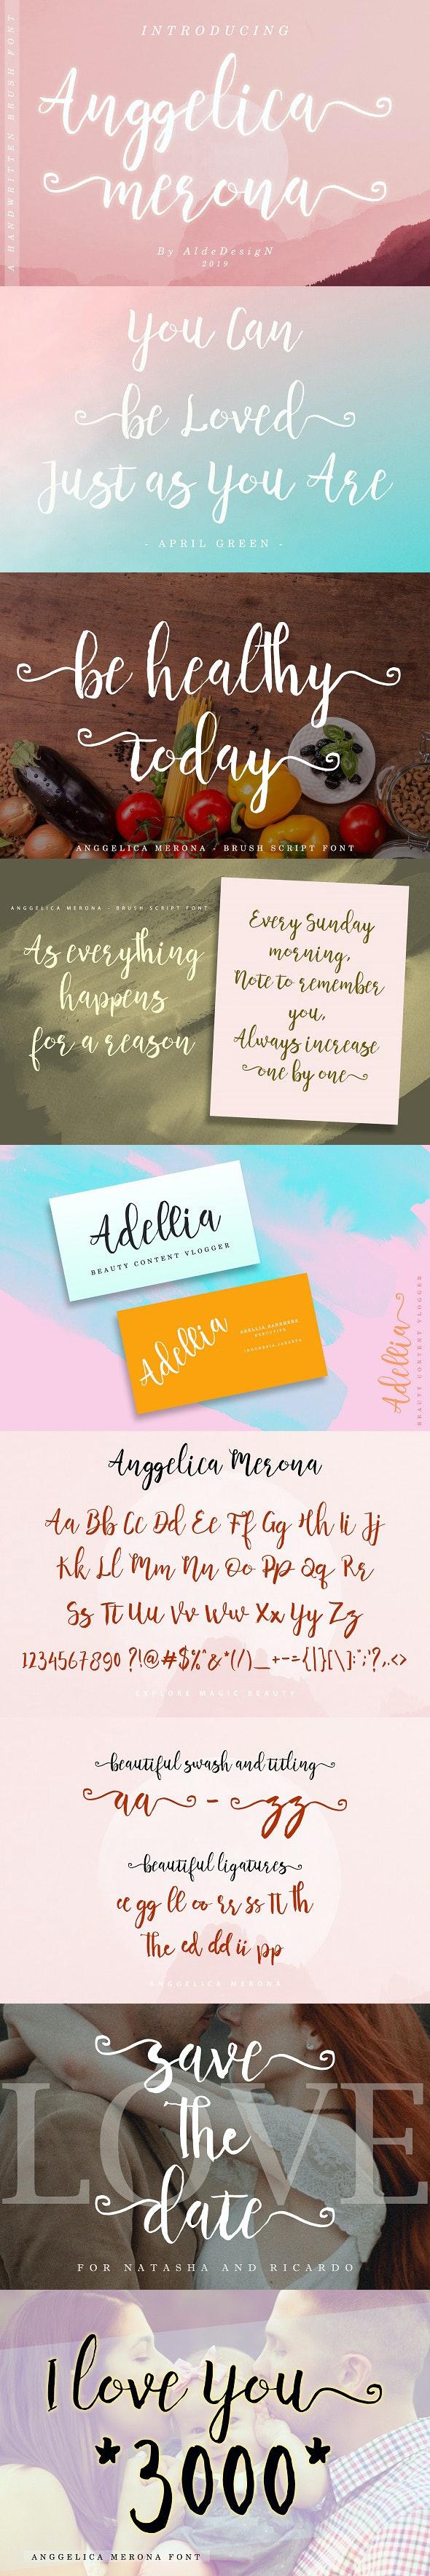 Anggelica Merona - Handwriting Fonts